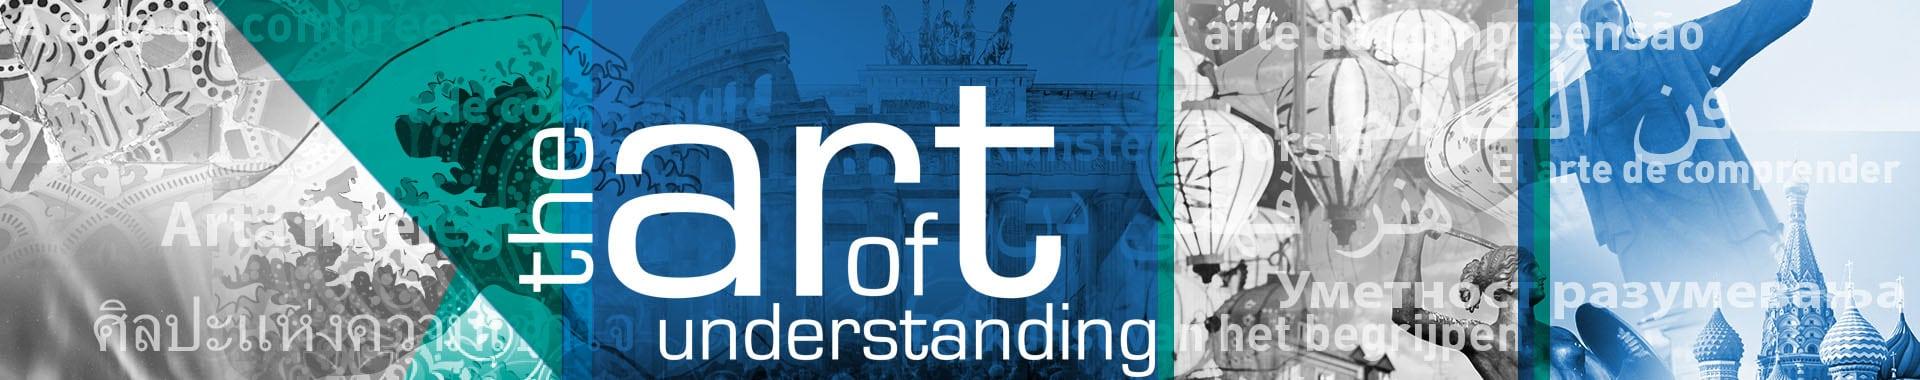 the art of understanding | eubylon GmbH